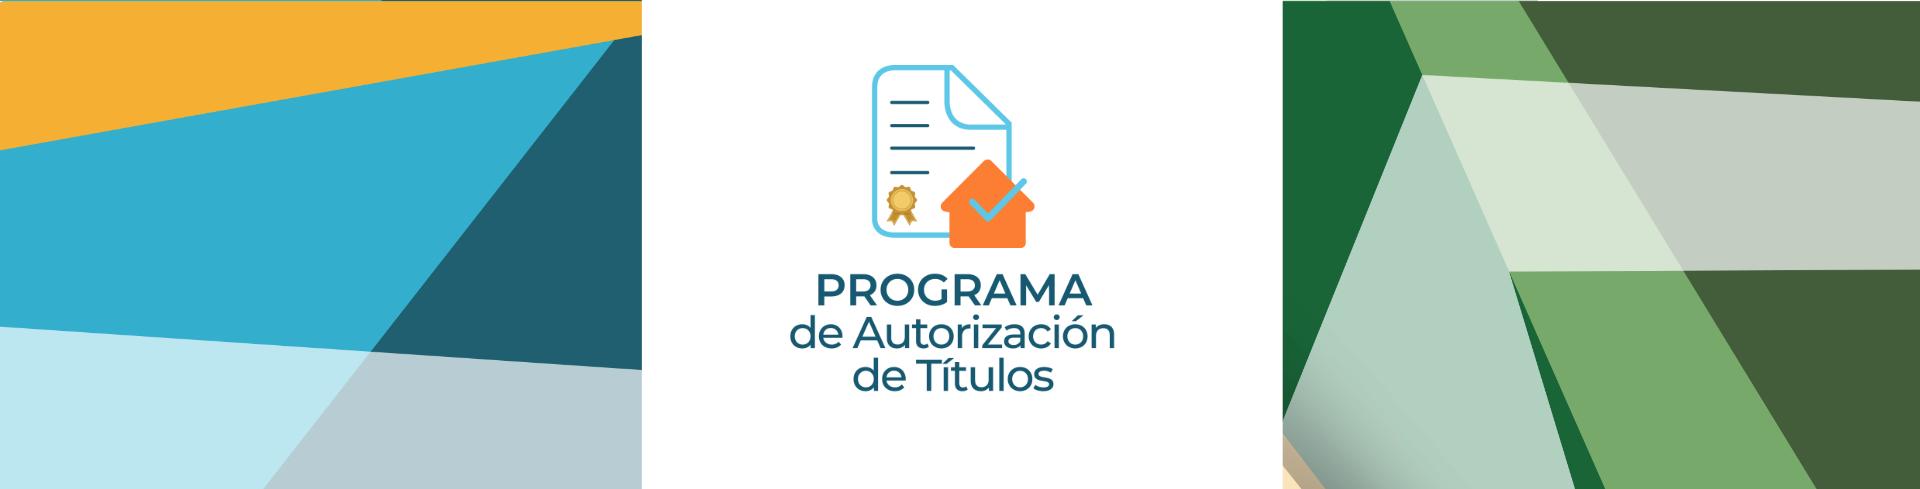 Programa de Autorización de Títulos